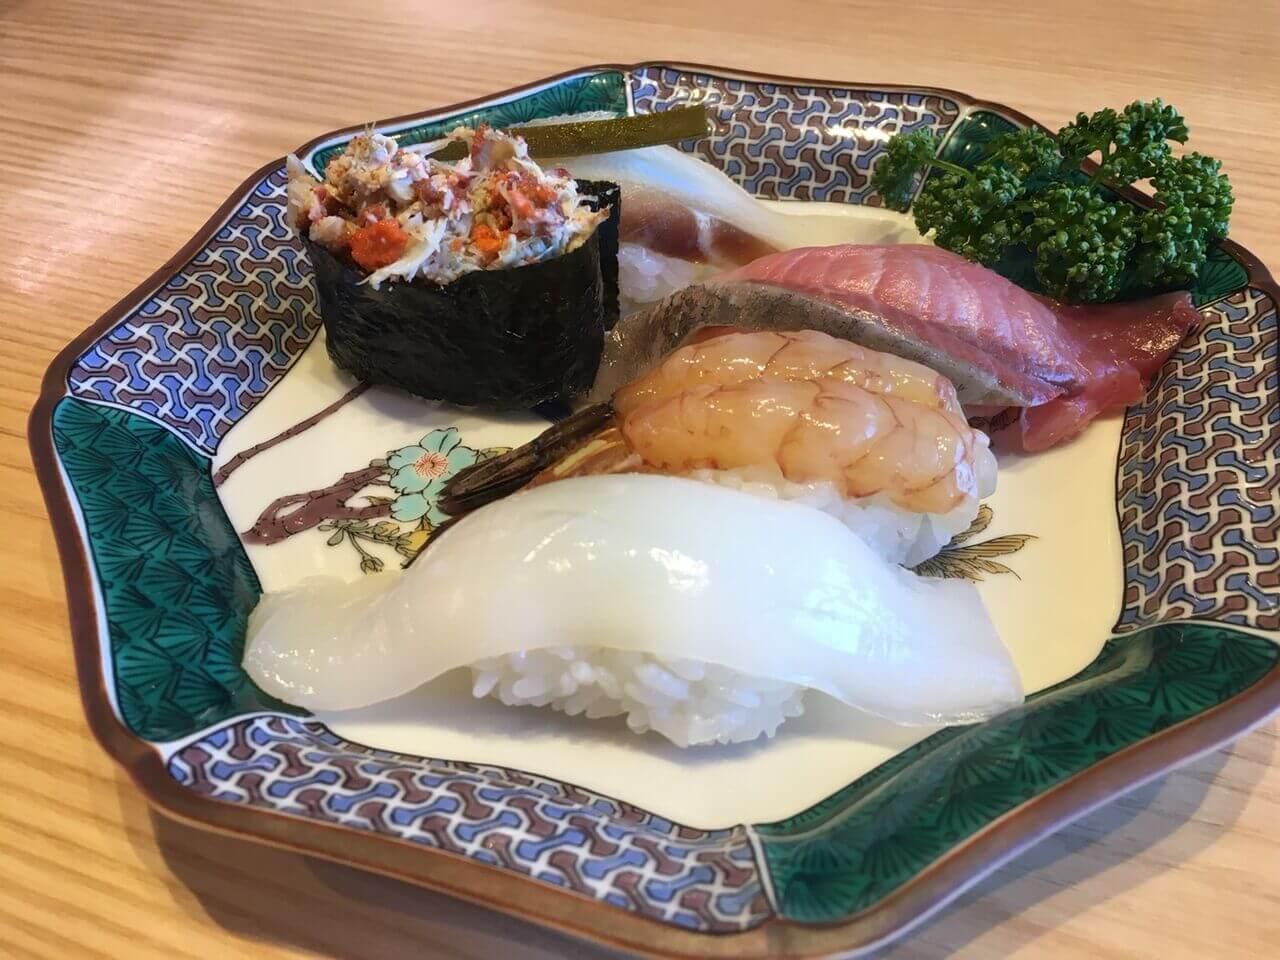 「石川産五点盛り」寒ブリ、がすえび、真鯛昆布締め、あおりいか、香箱かに軍艦